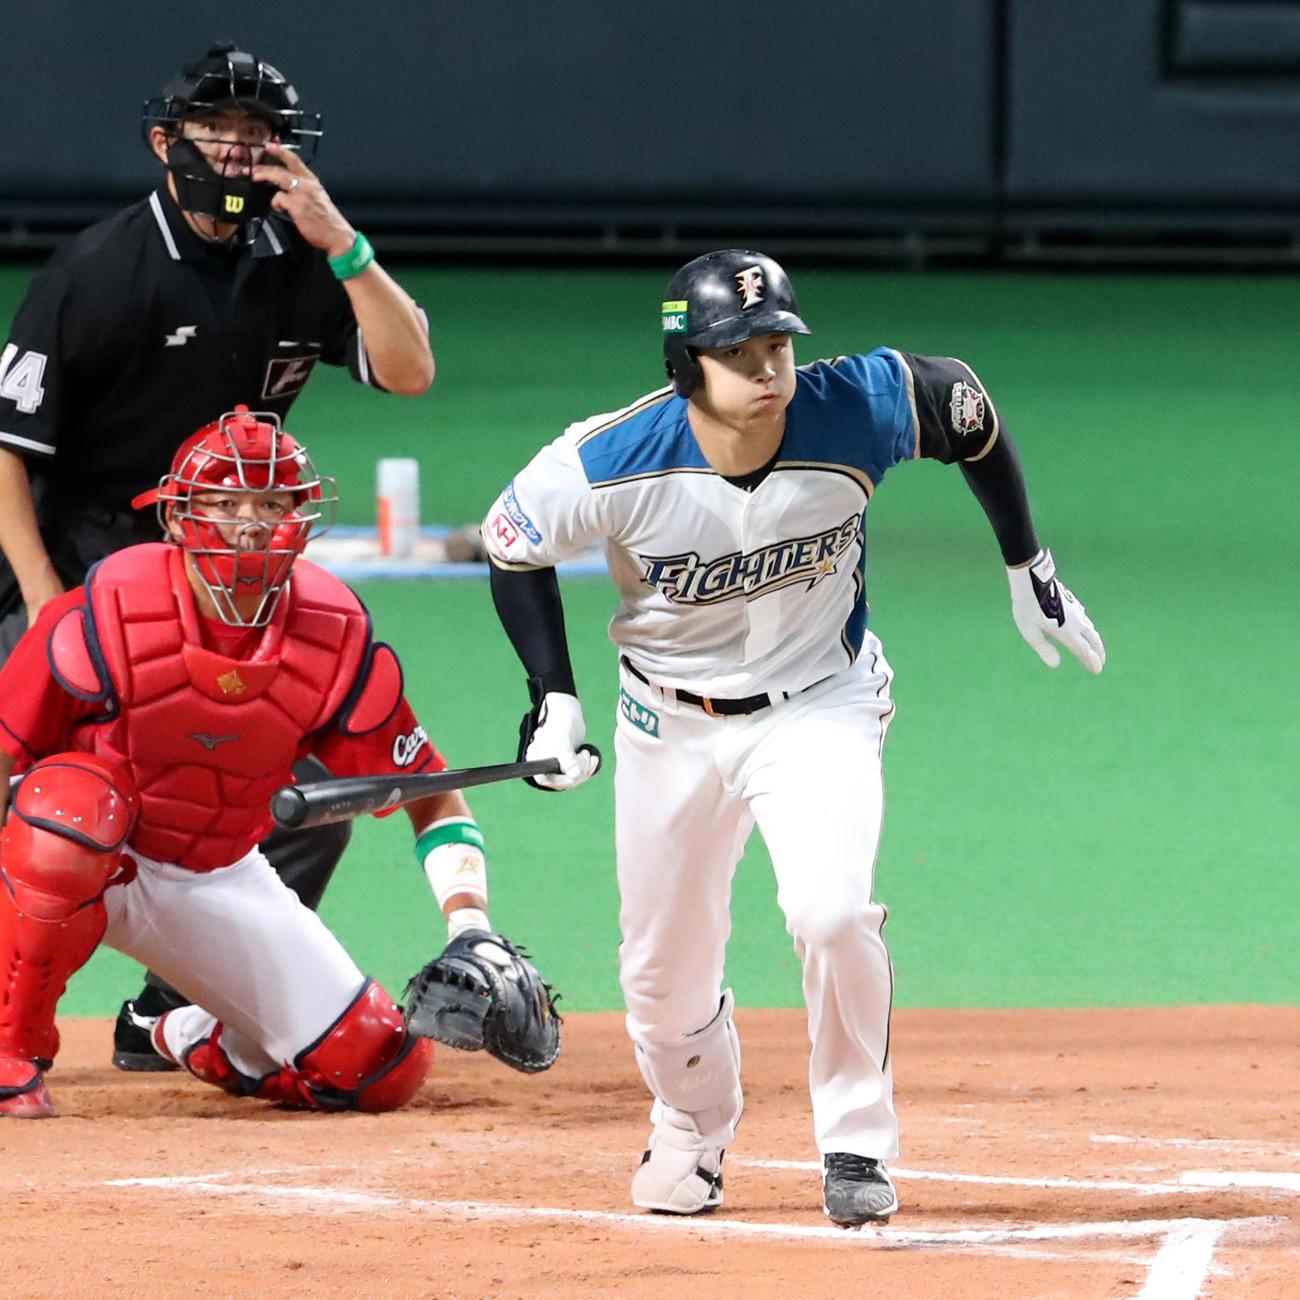 16年日本シリーズ第3戦 日本ハム対広島 サヨナラ打を放つ日本ハム大谷翔平